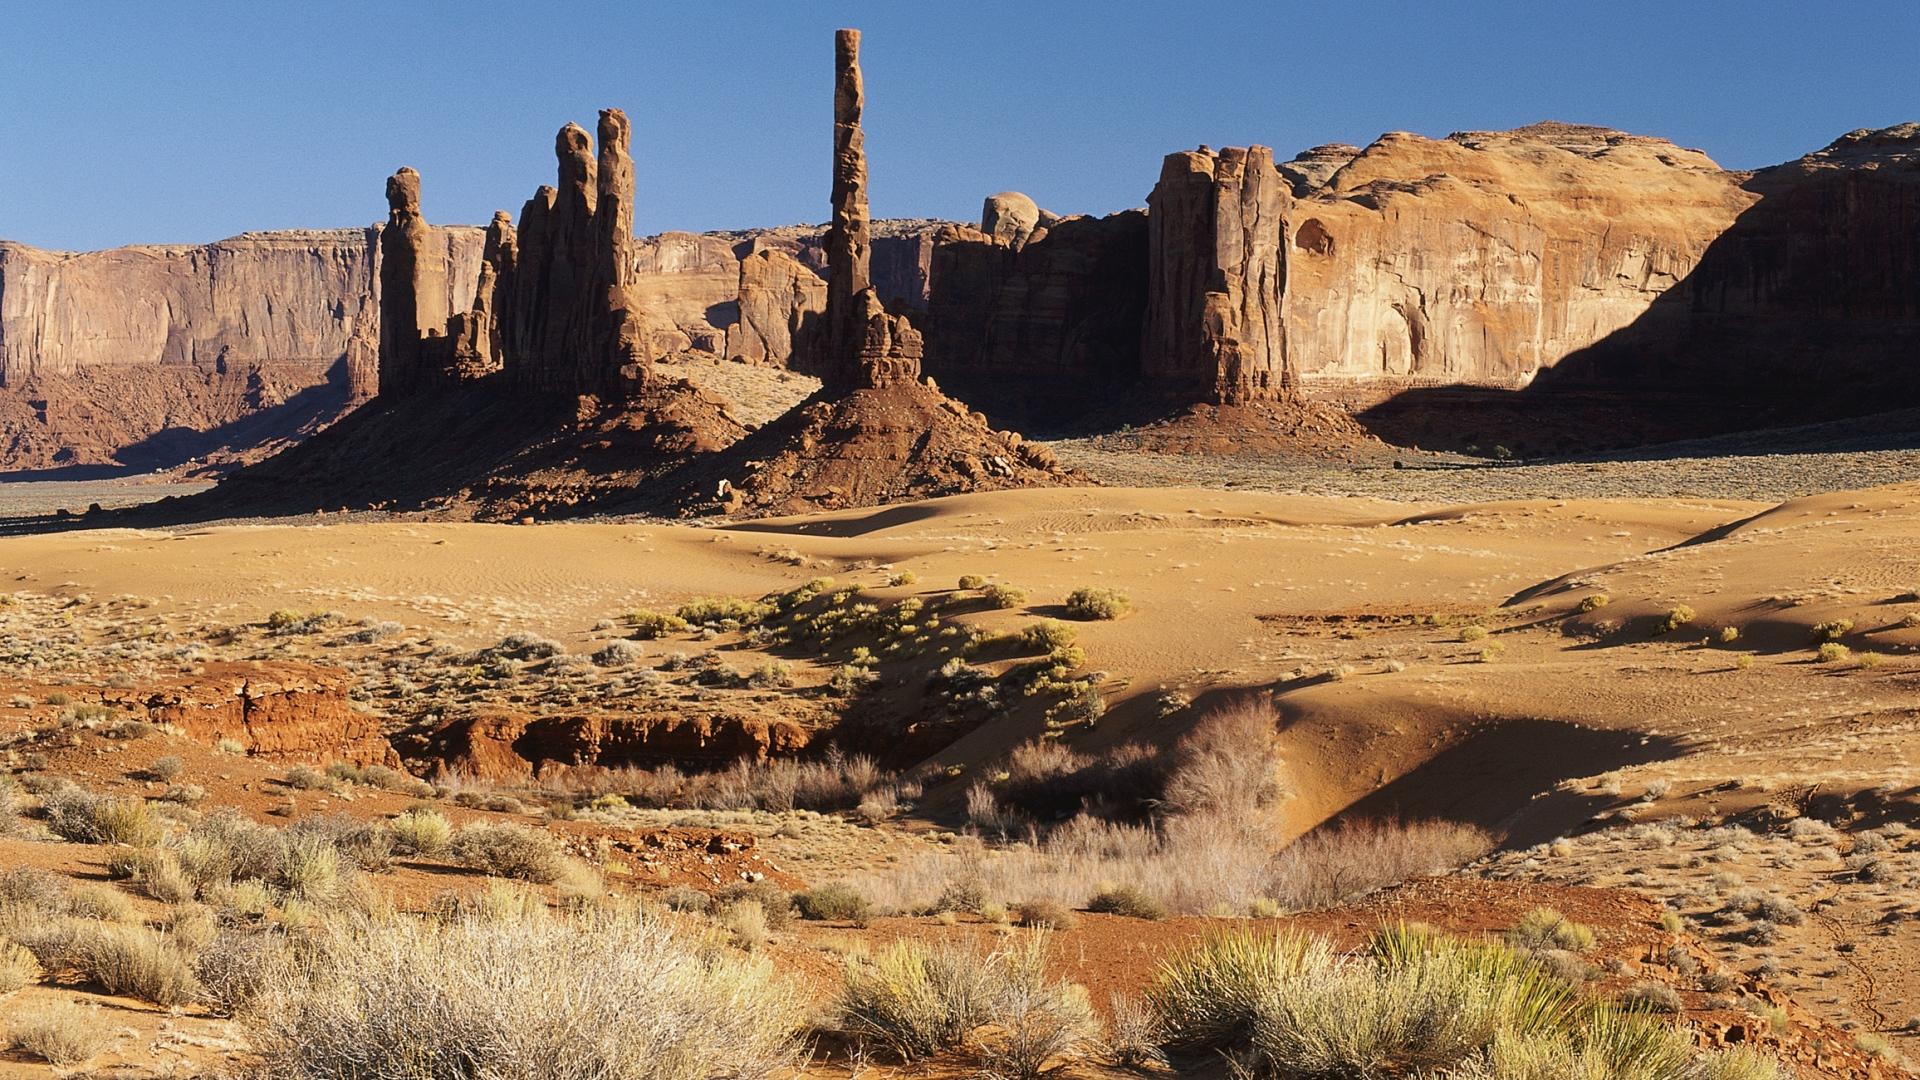 Full Hd Wallpaper Desert Grand Canyon Usa Sand Pillar